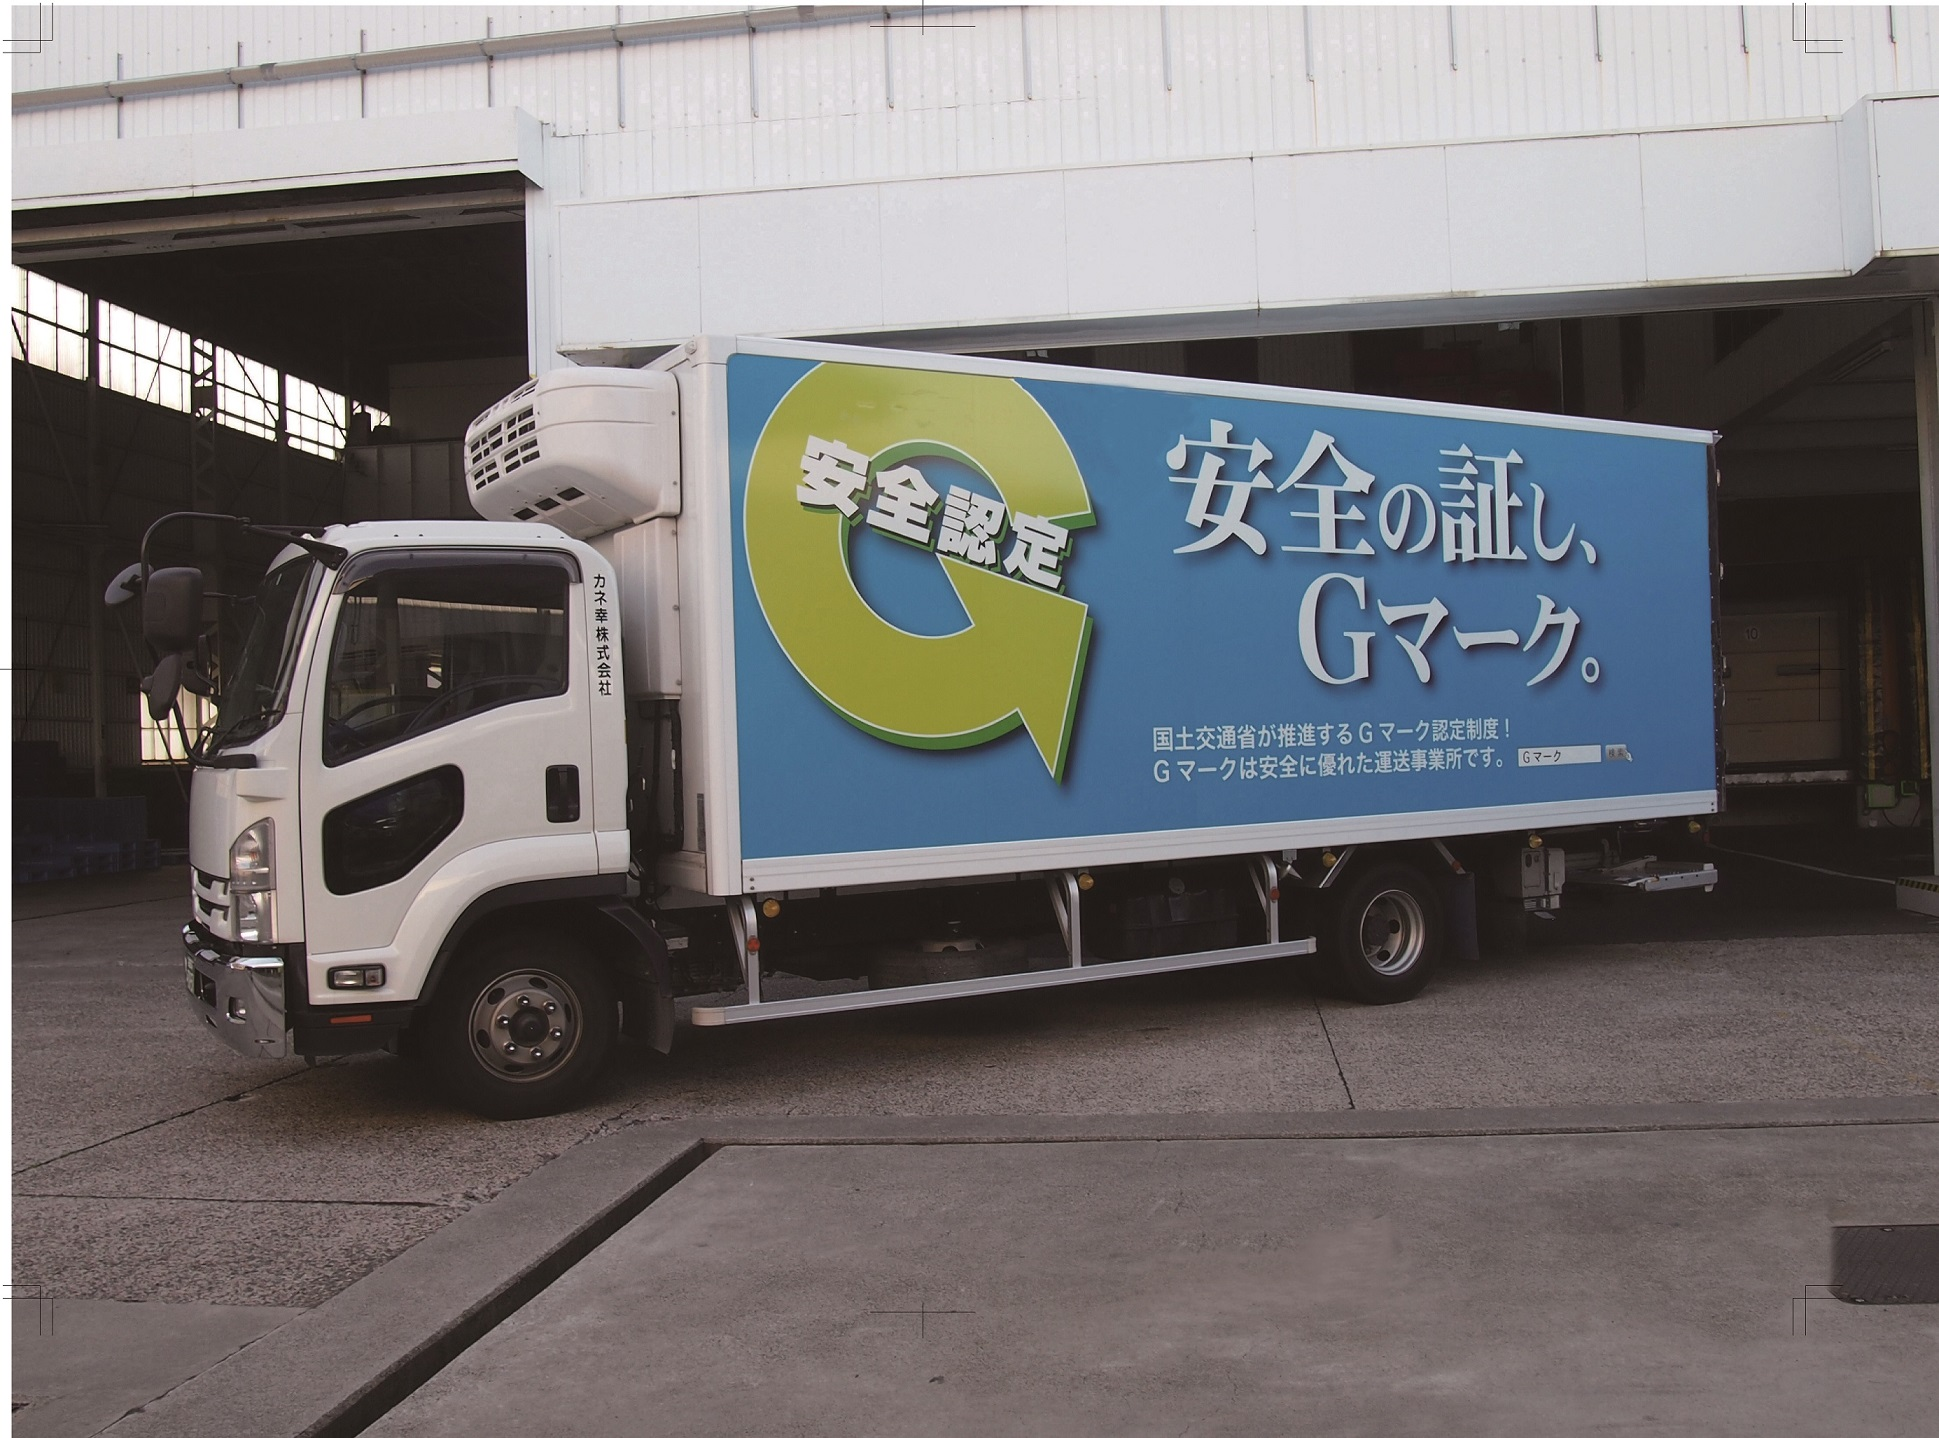 カネ幸株式会社